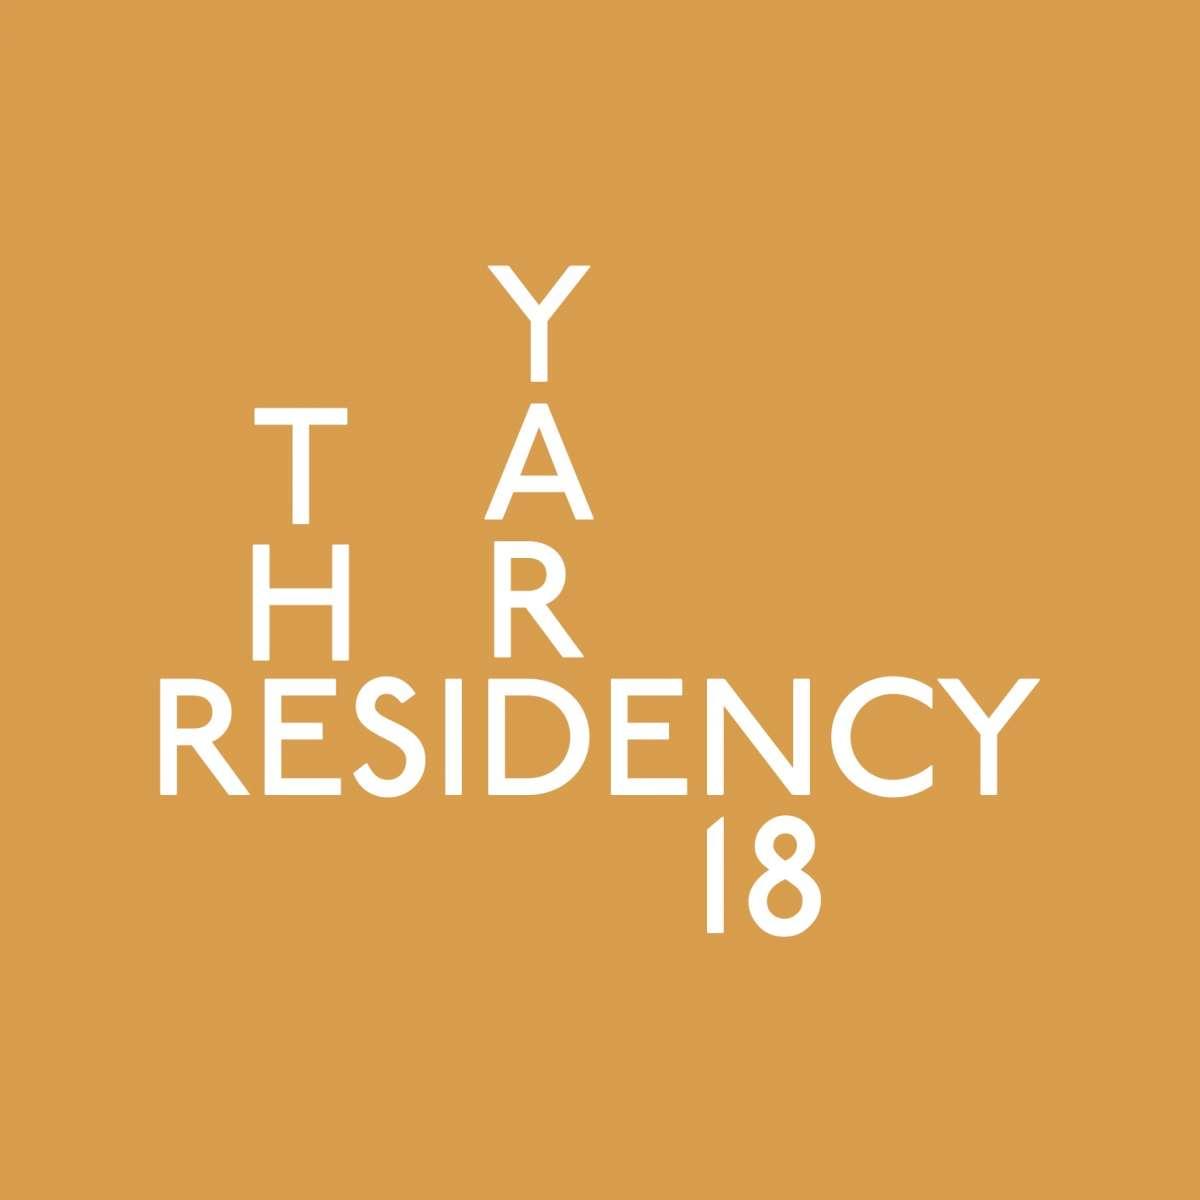 theYard.Residency.18